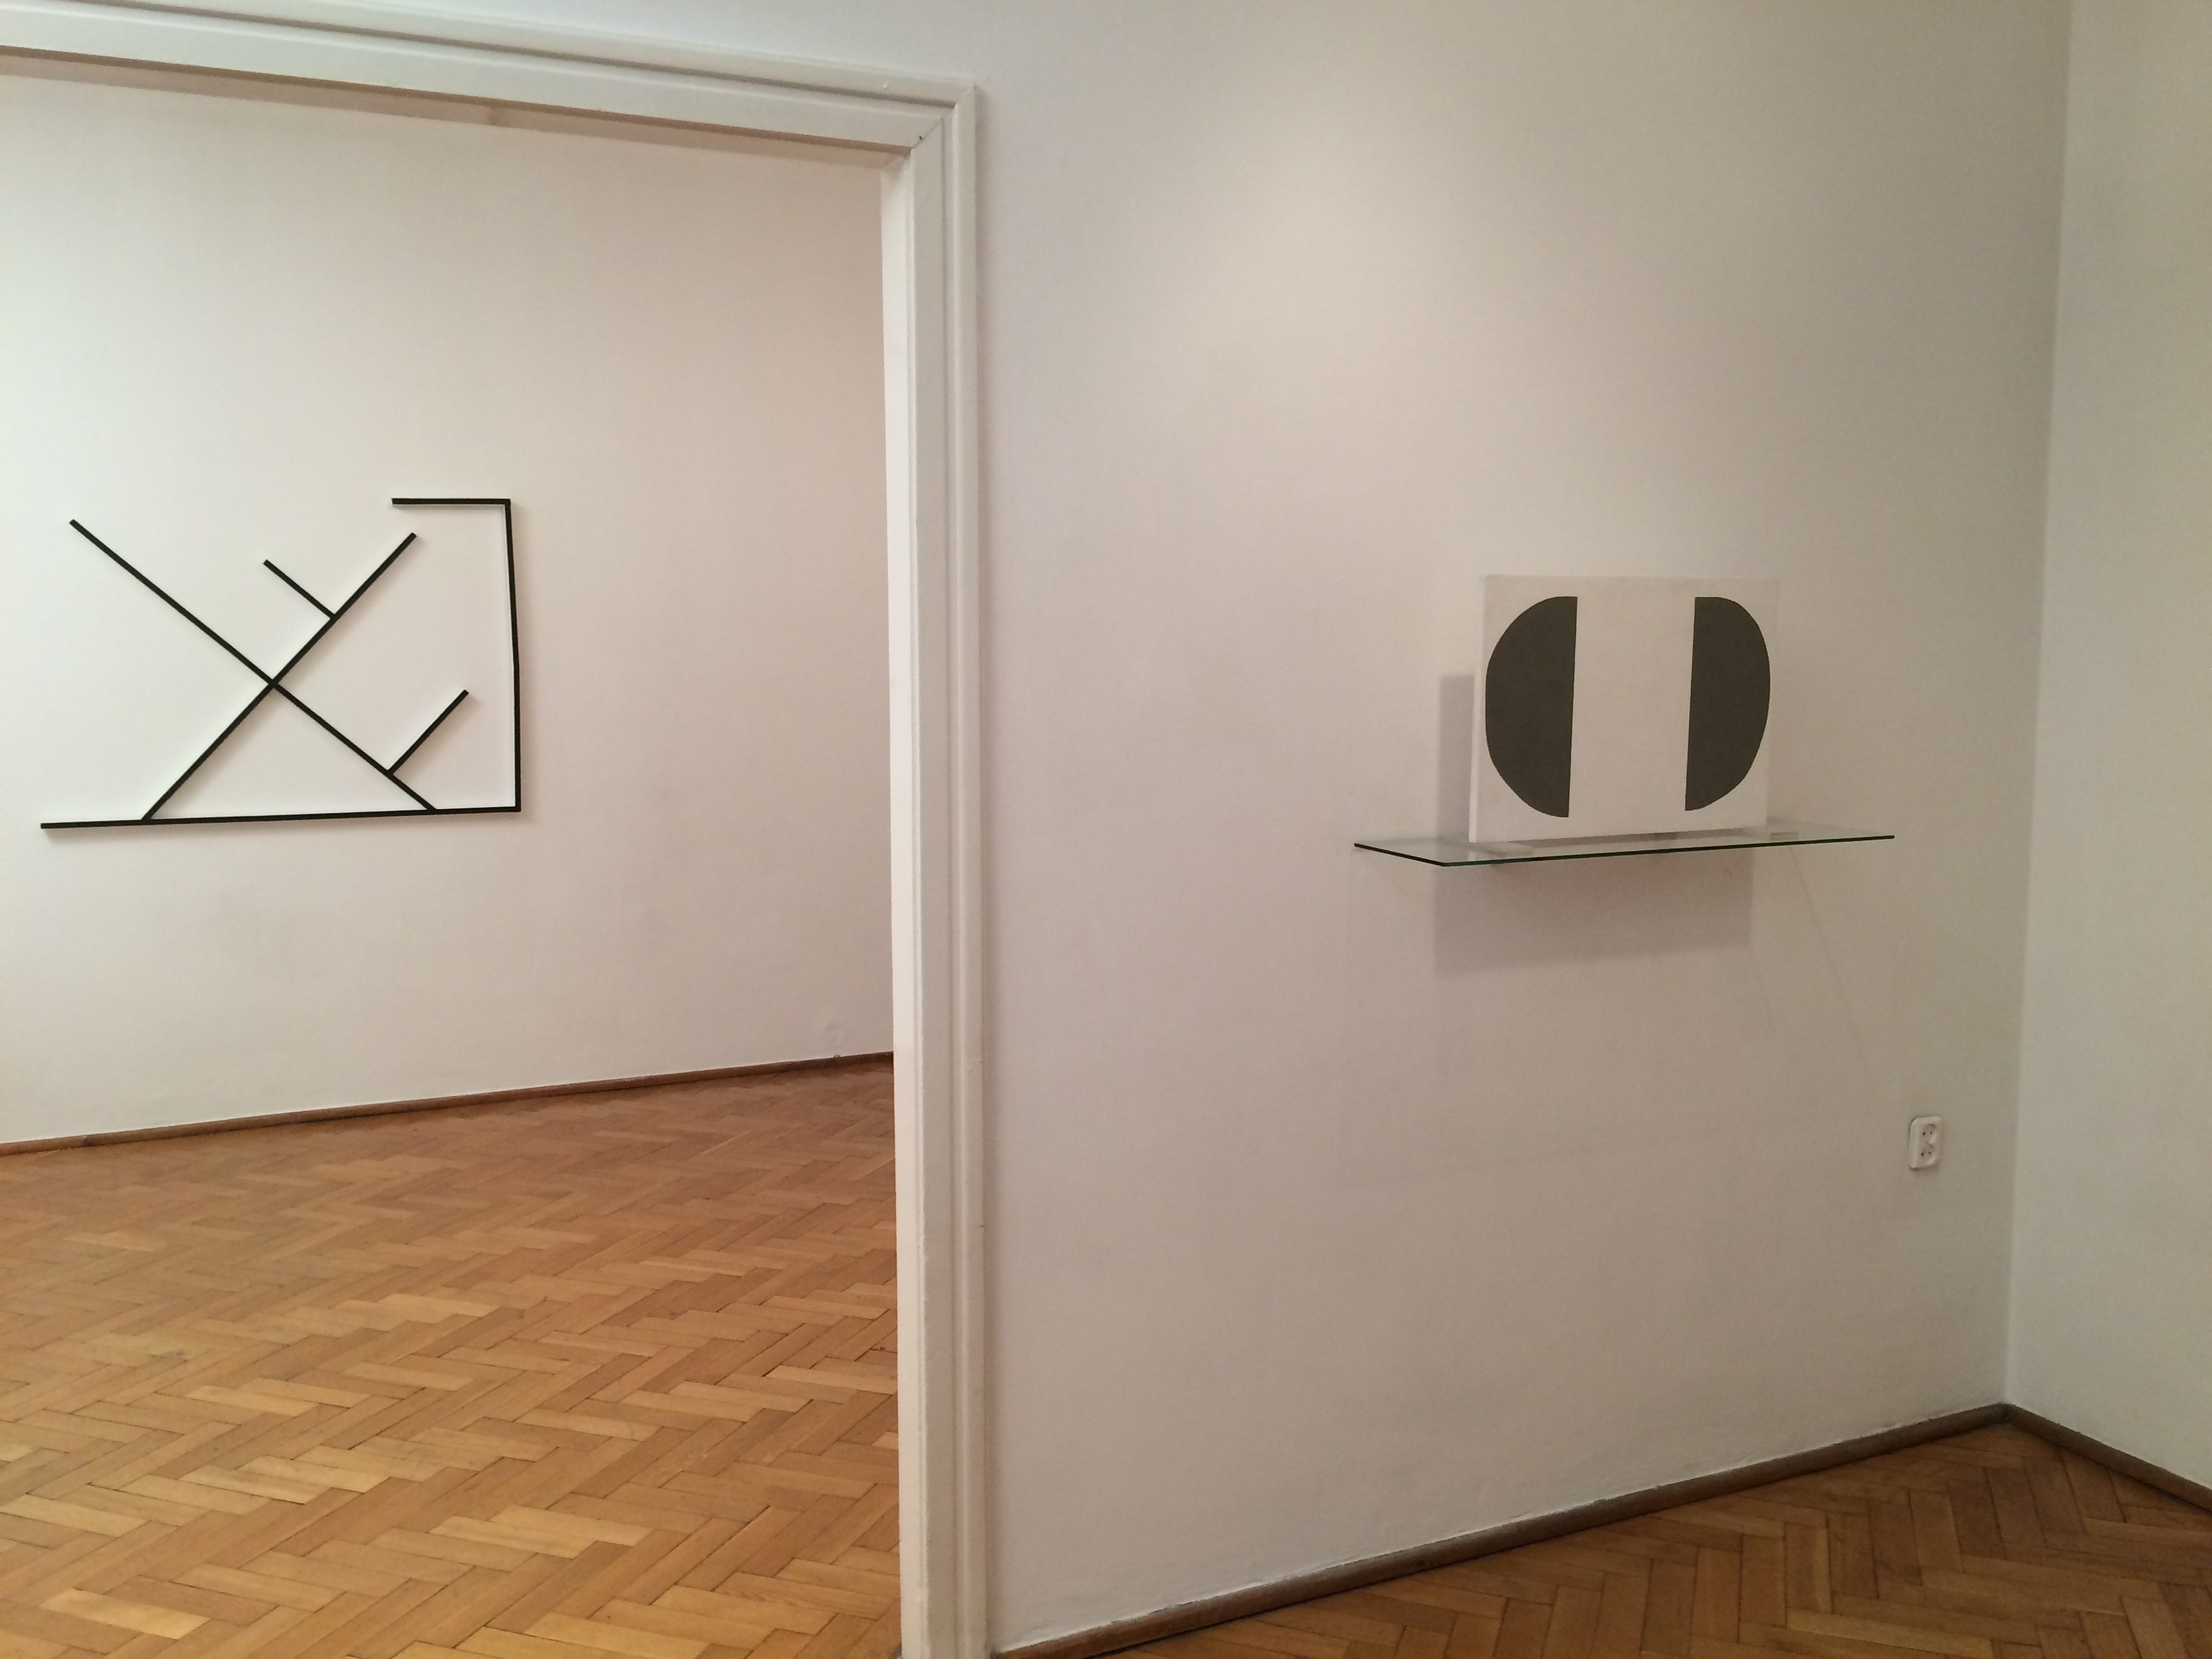 Grzegorz Sztwiertnia, Projekt ściany  terapeutycznej nr2, tempera nadesce,  mural, 2005; Tomek Baran, beztytułu, relief, drewno,  akryl, 2010